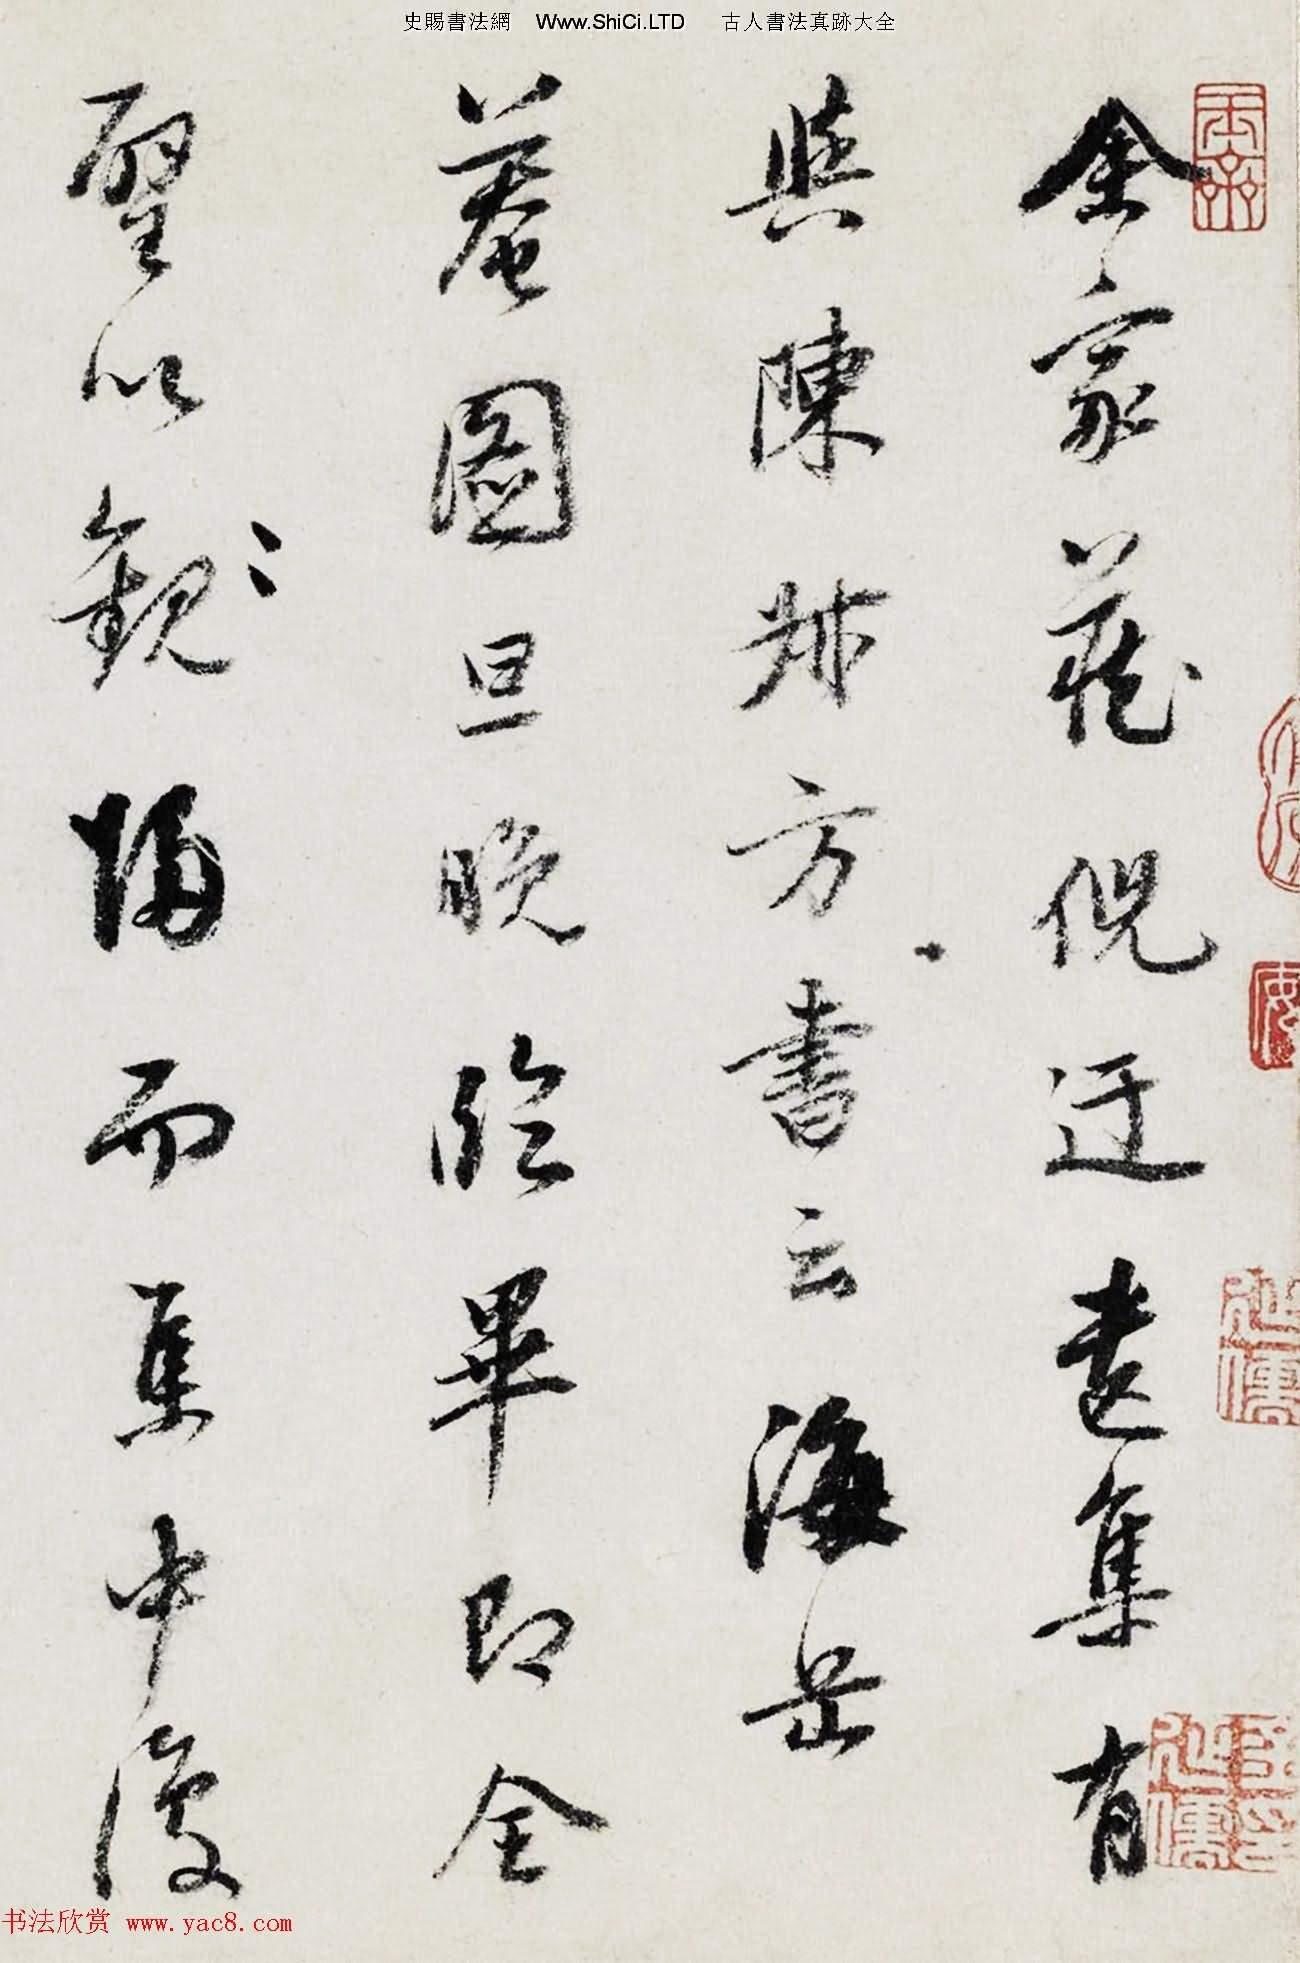 董其昌兩次書法題跋米友仁瀟湘奇觀圖(共6張圖片)